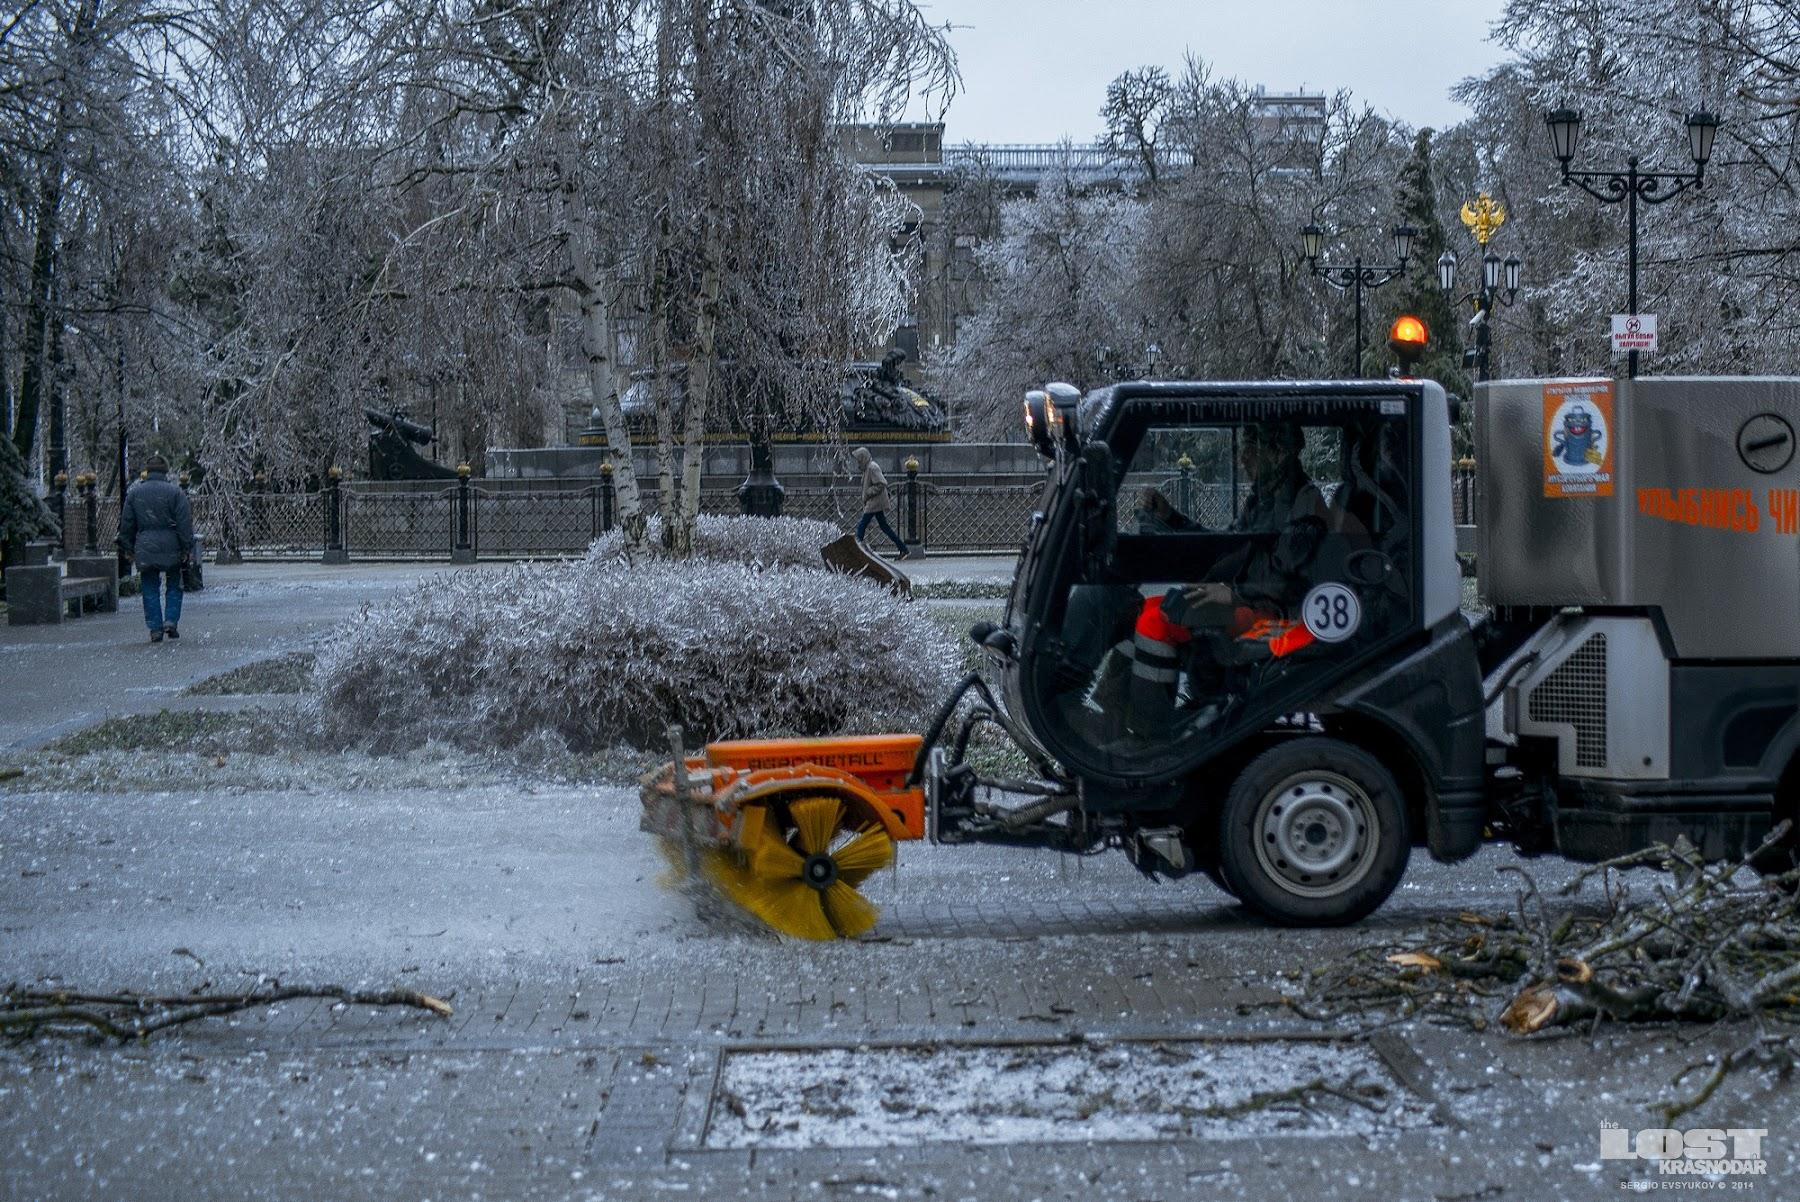 Ледяной дождь в Краснодаре